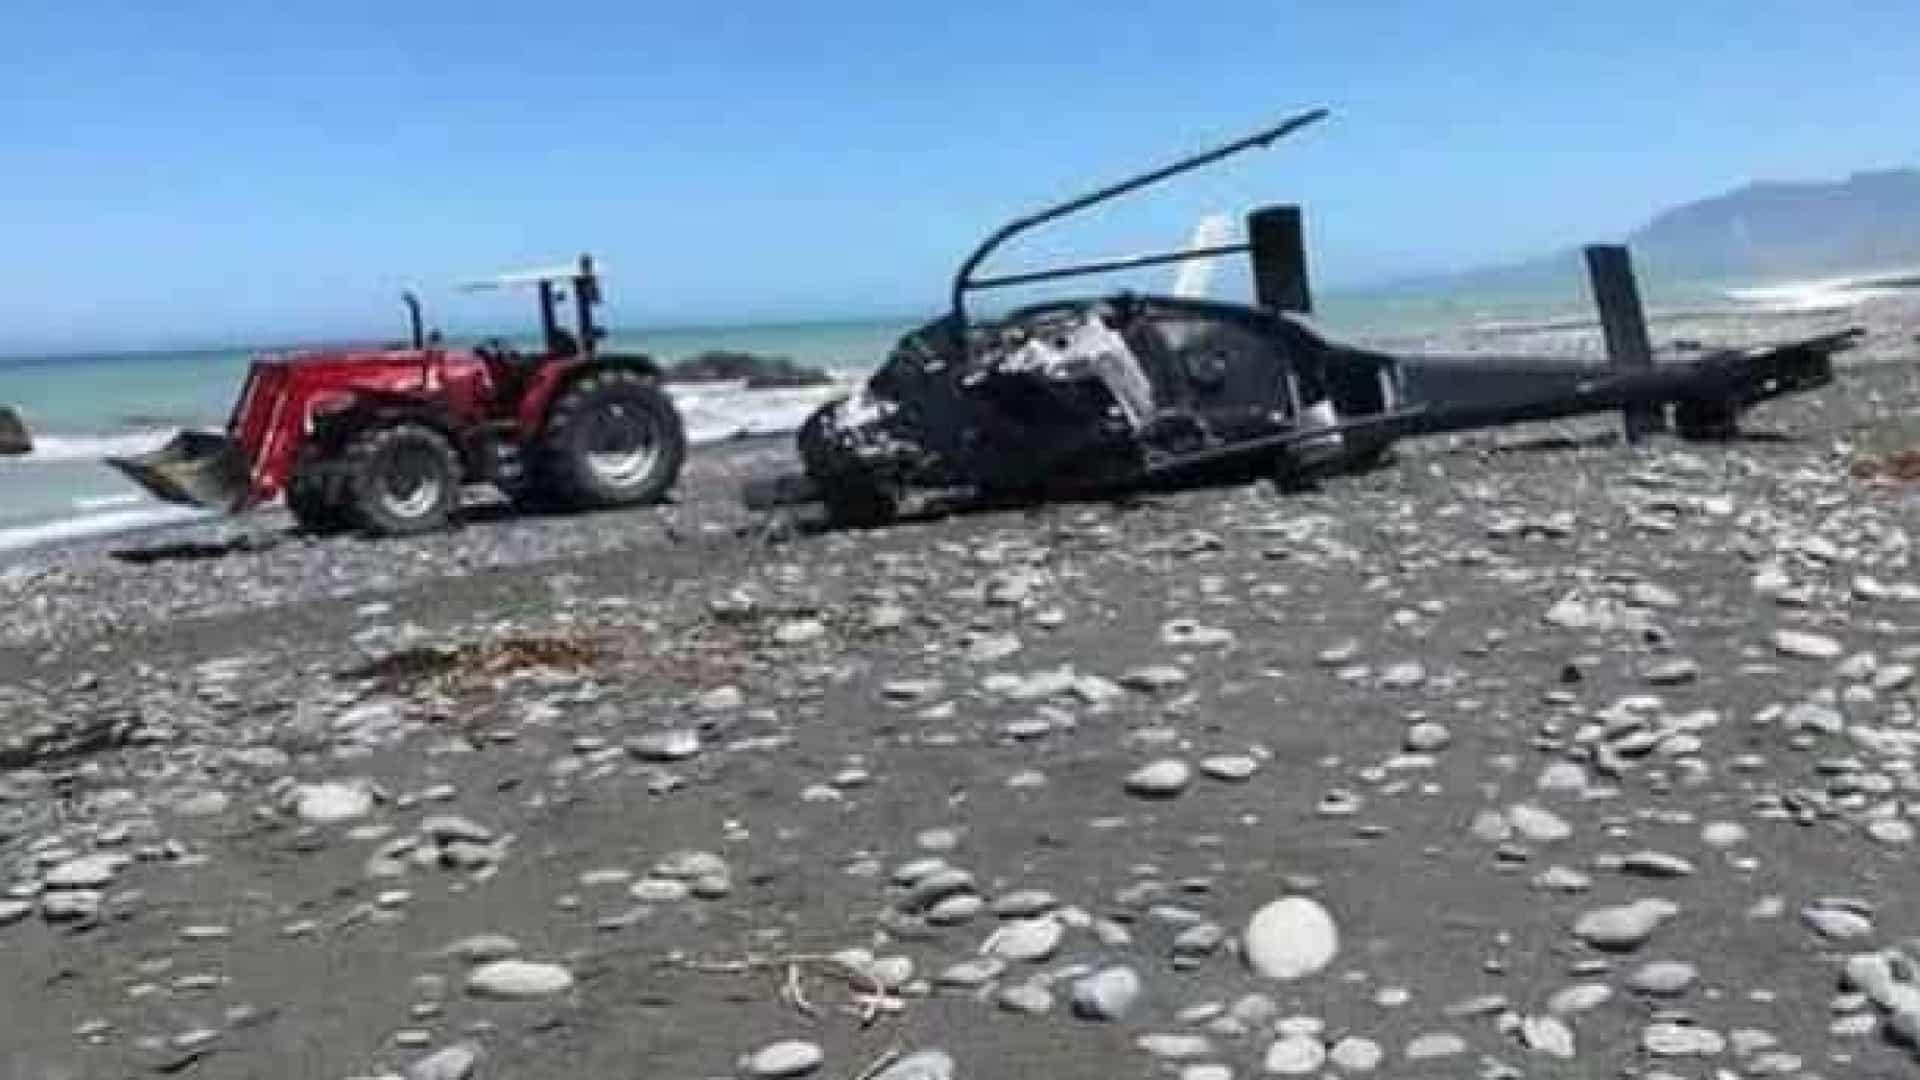 Pais morrem em queda de helicóptero em voo com filhos na Nova Zelândia